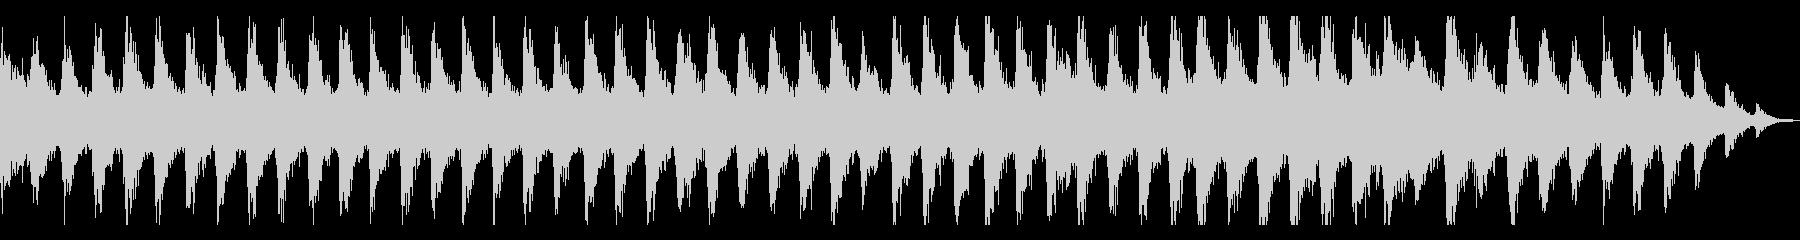 迫りくるガーンガーンという金属音の未再生の波形